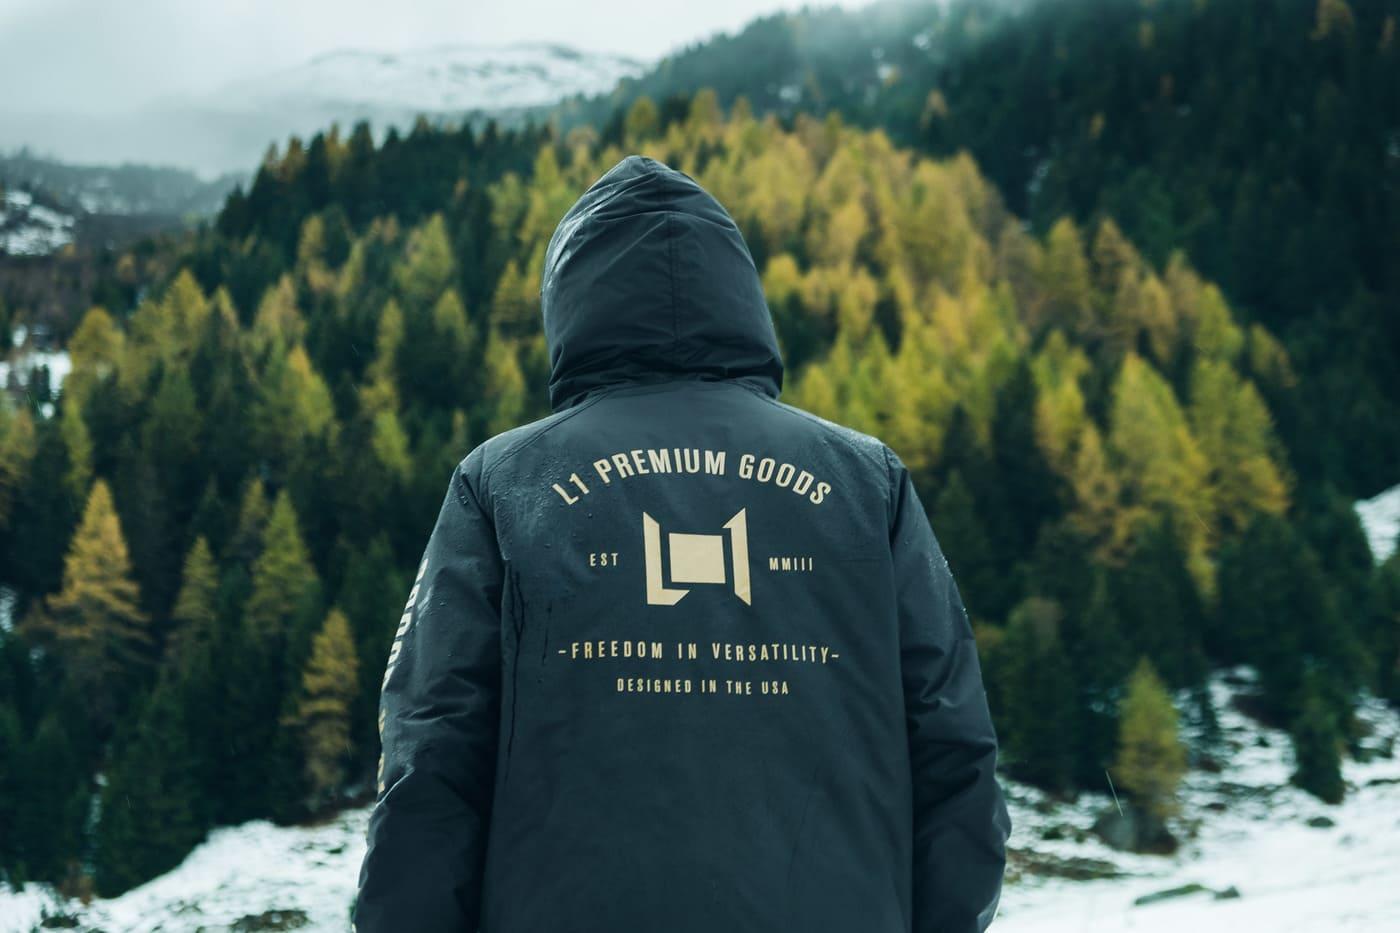 L1 Premium Goods 2019/2020 | Neue Winterkollektion und Website